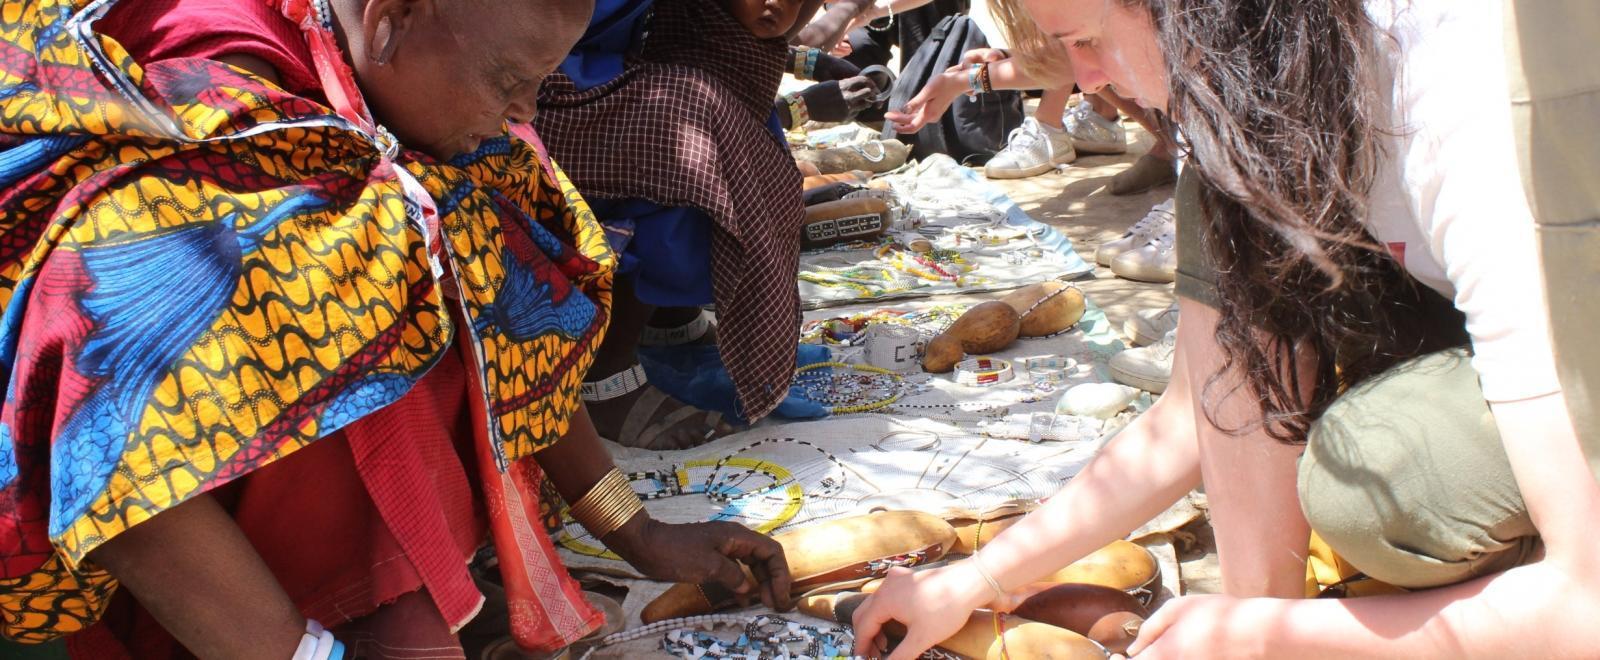 Voluntaria en una comunidad masái en uno de nuestros programas de intercambio cultural en Tanzania